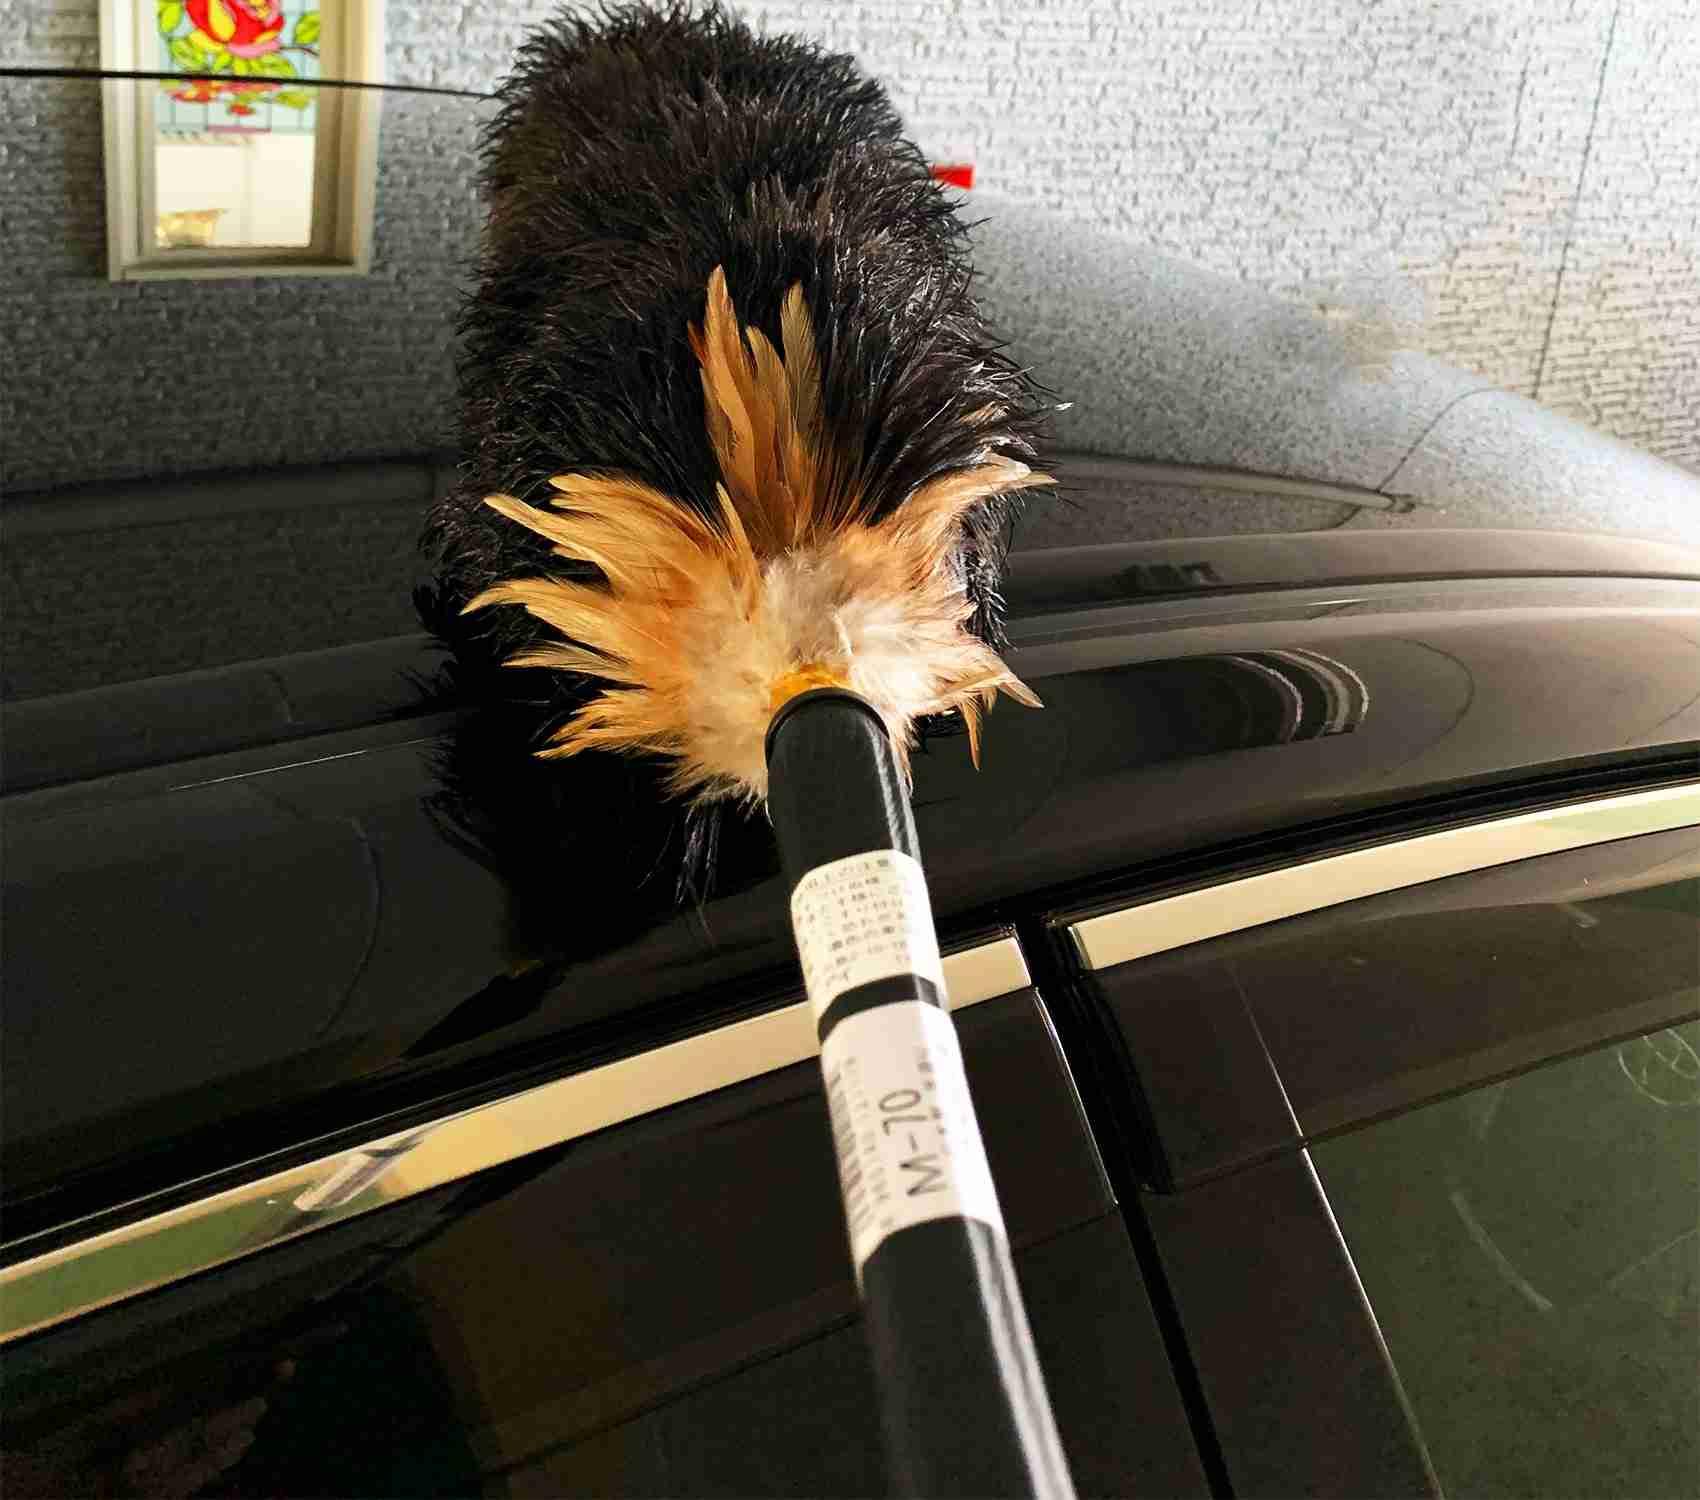 車用の毛ばたきをご紹介!傷をつけない上手な使い方とおすすめの選び方!